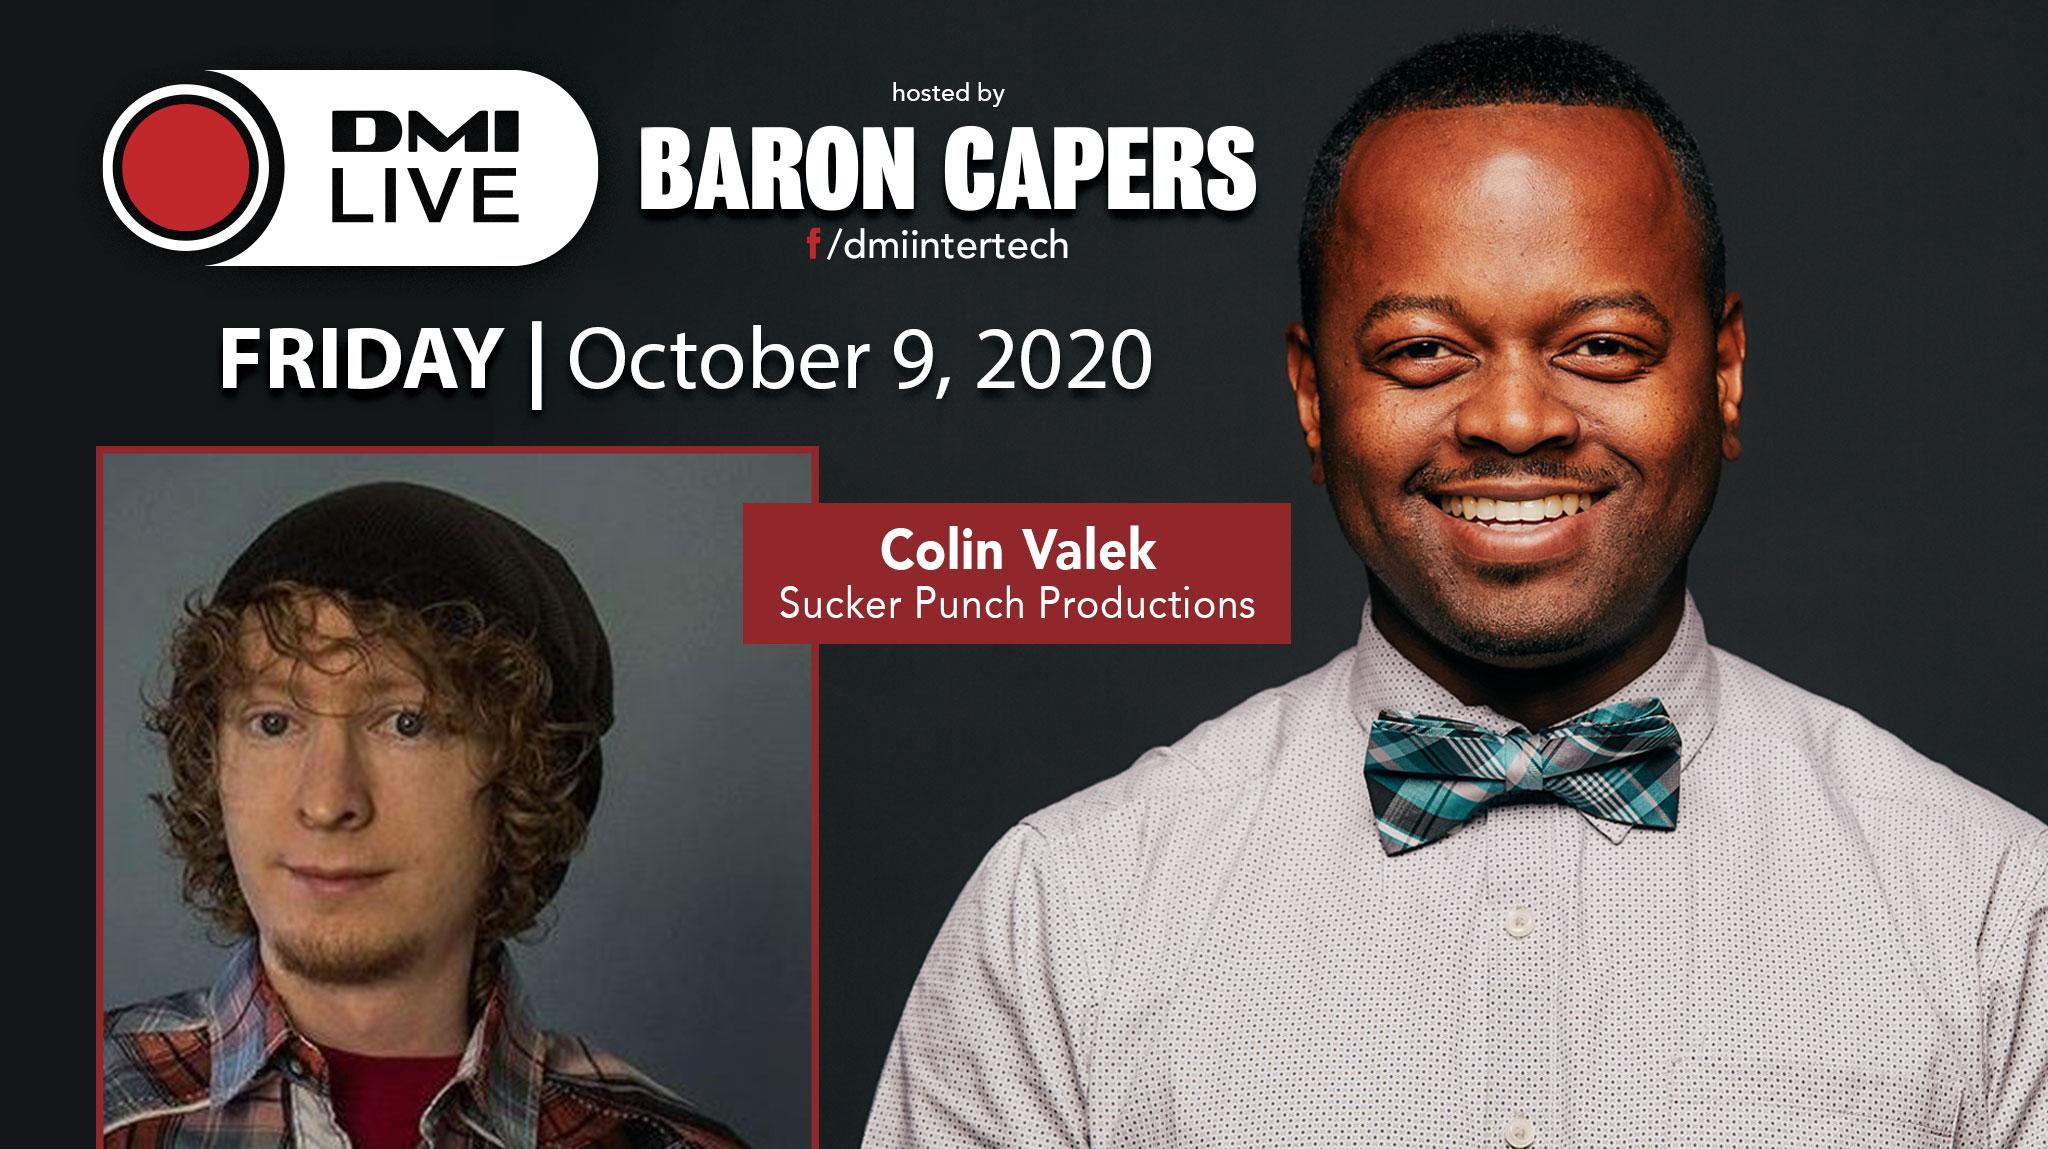 DMI LIVE w/ Baron Capers & Colin Valek